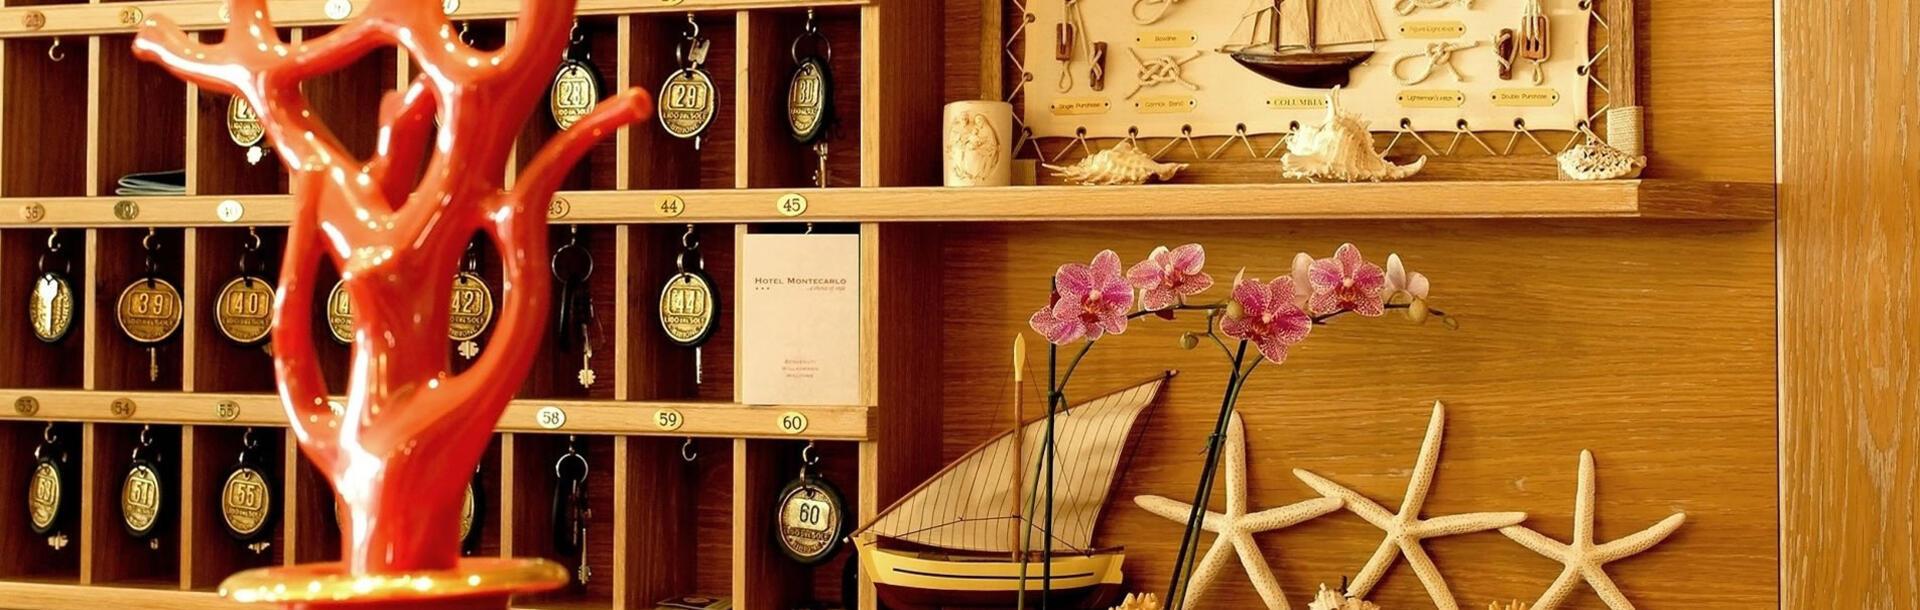 hotel-montecarlo it domande-frequenti-faq 013